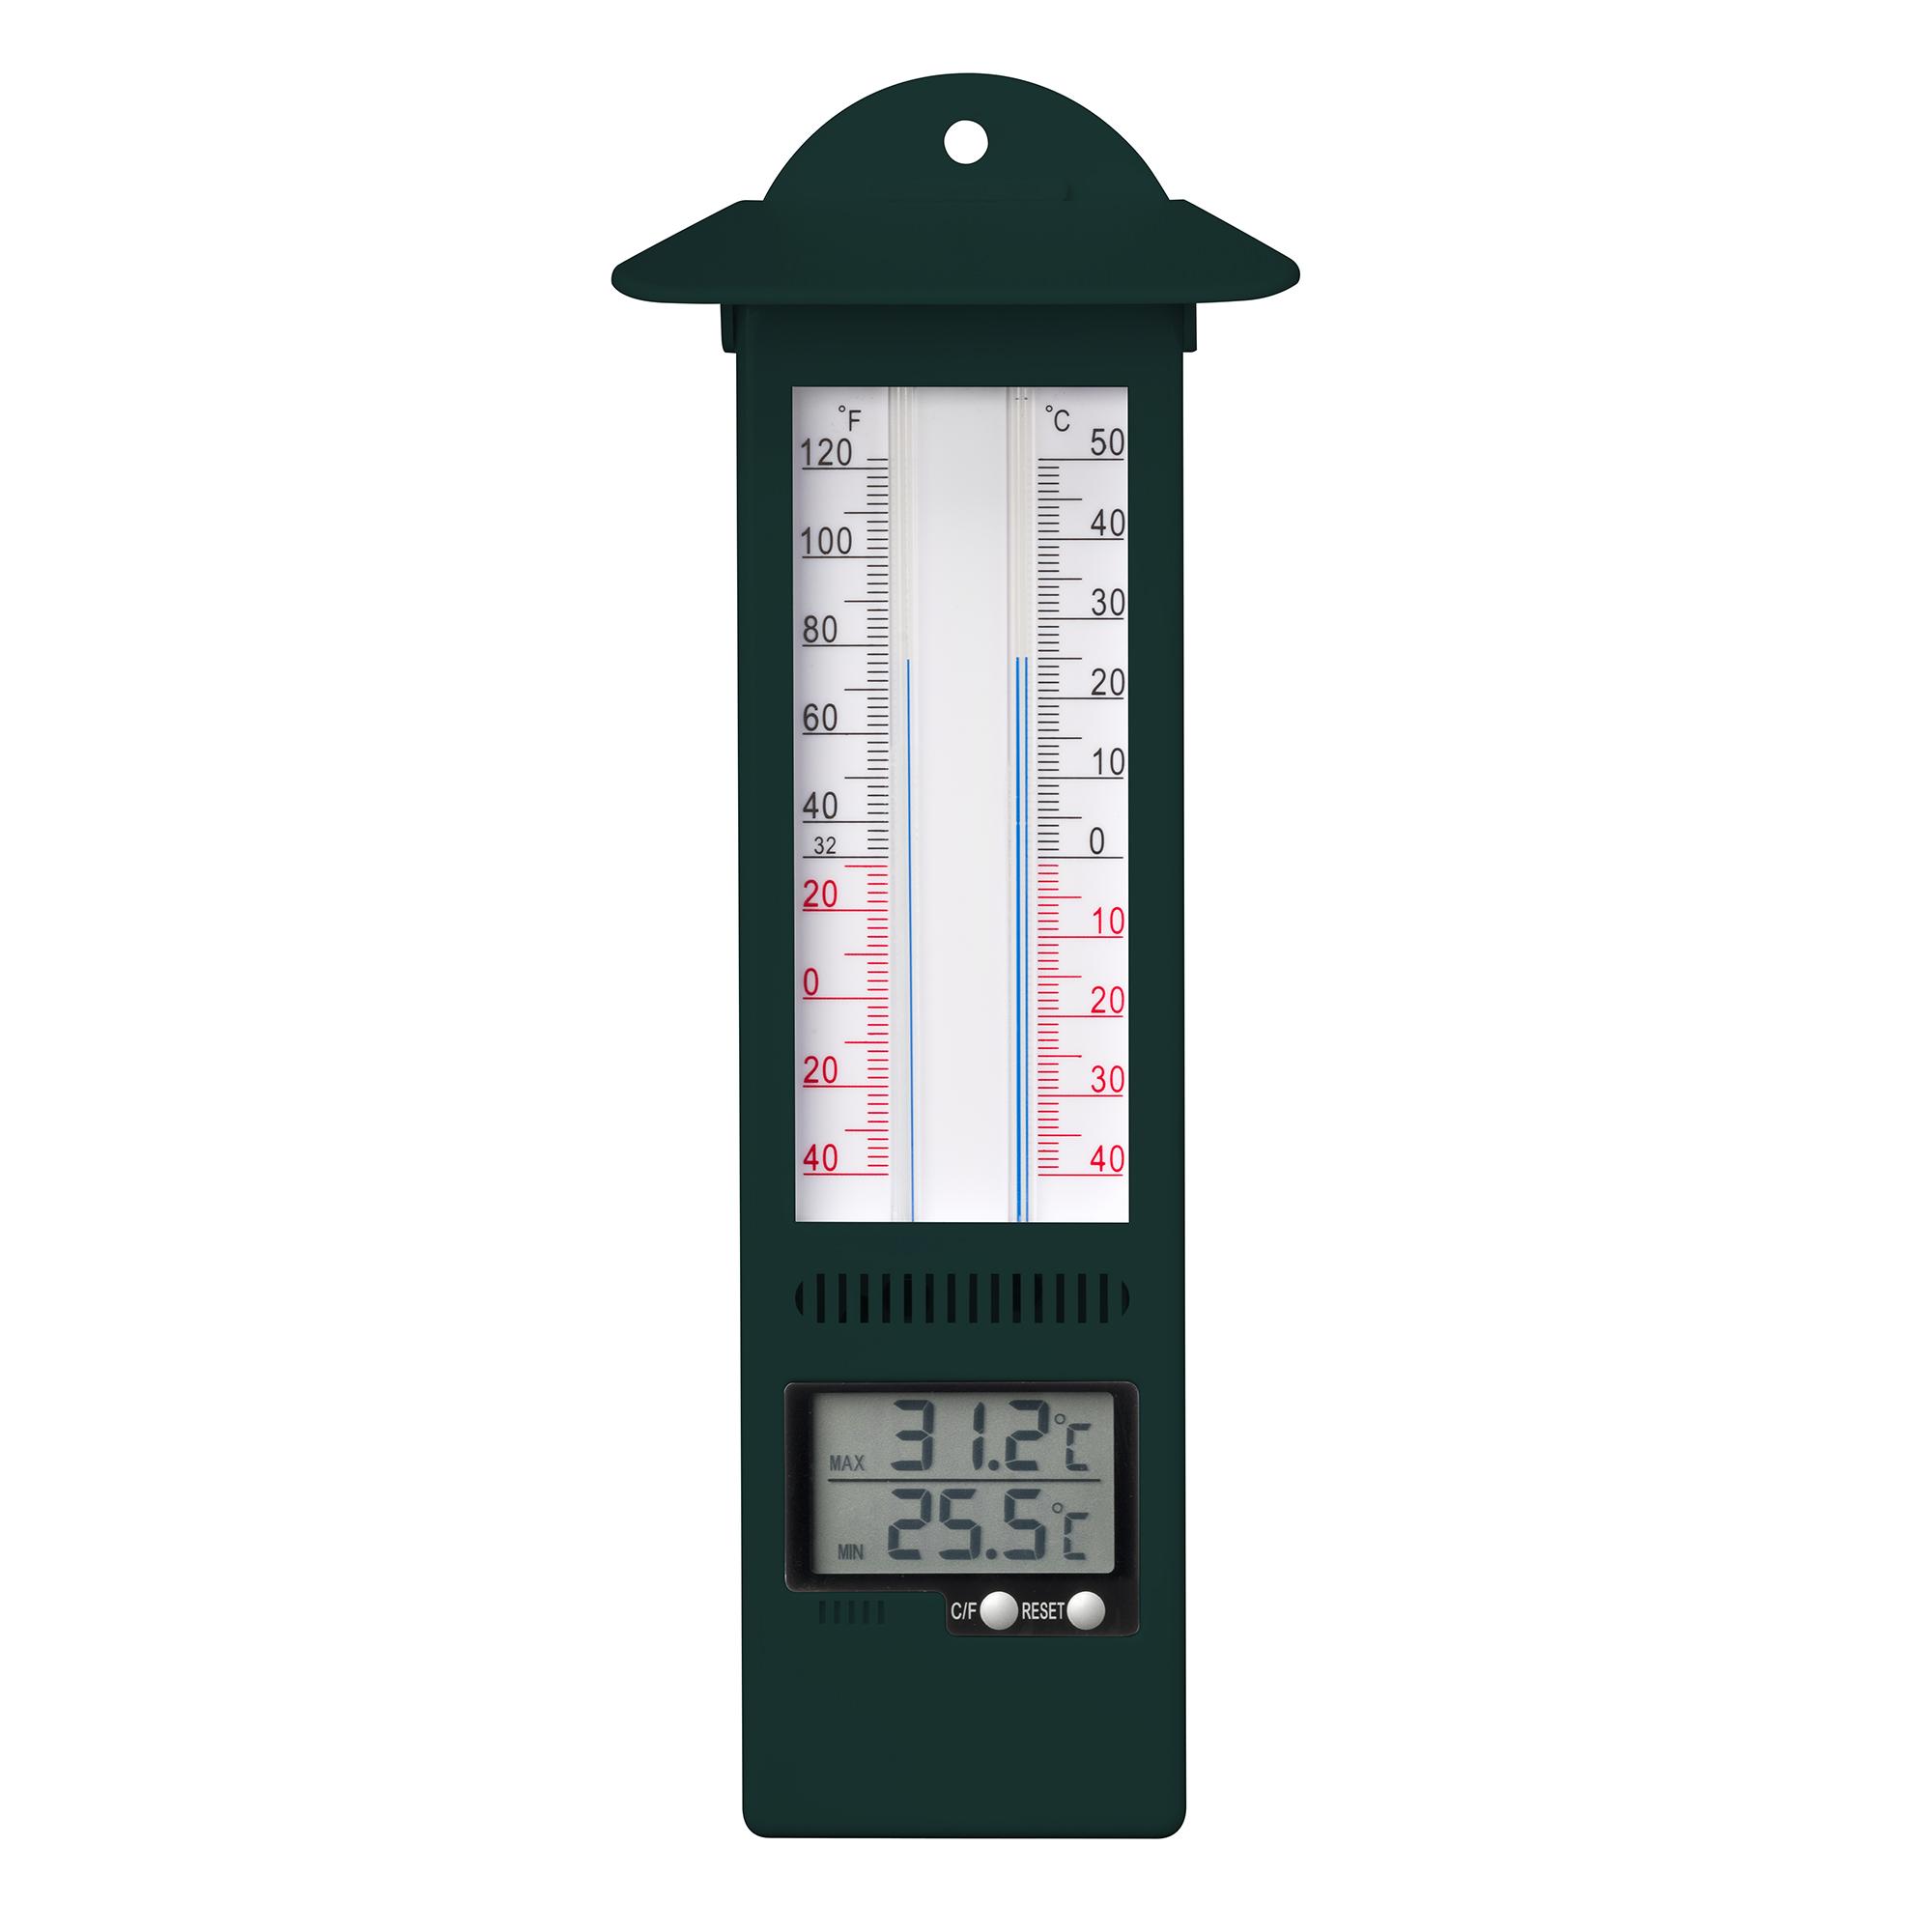 Digital Wall Thermometer - Min/Max